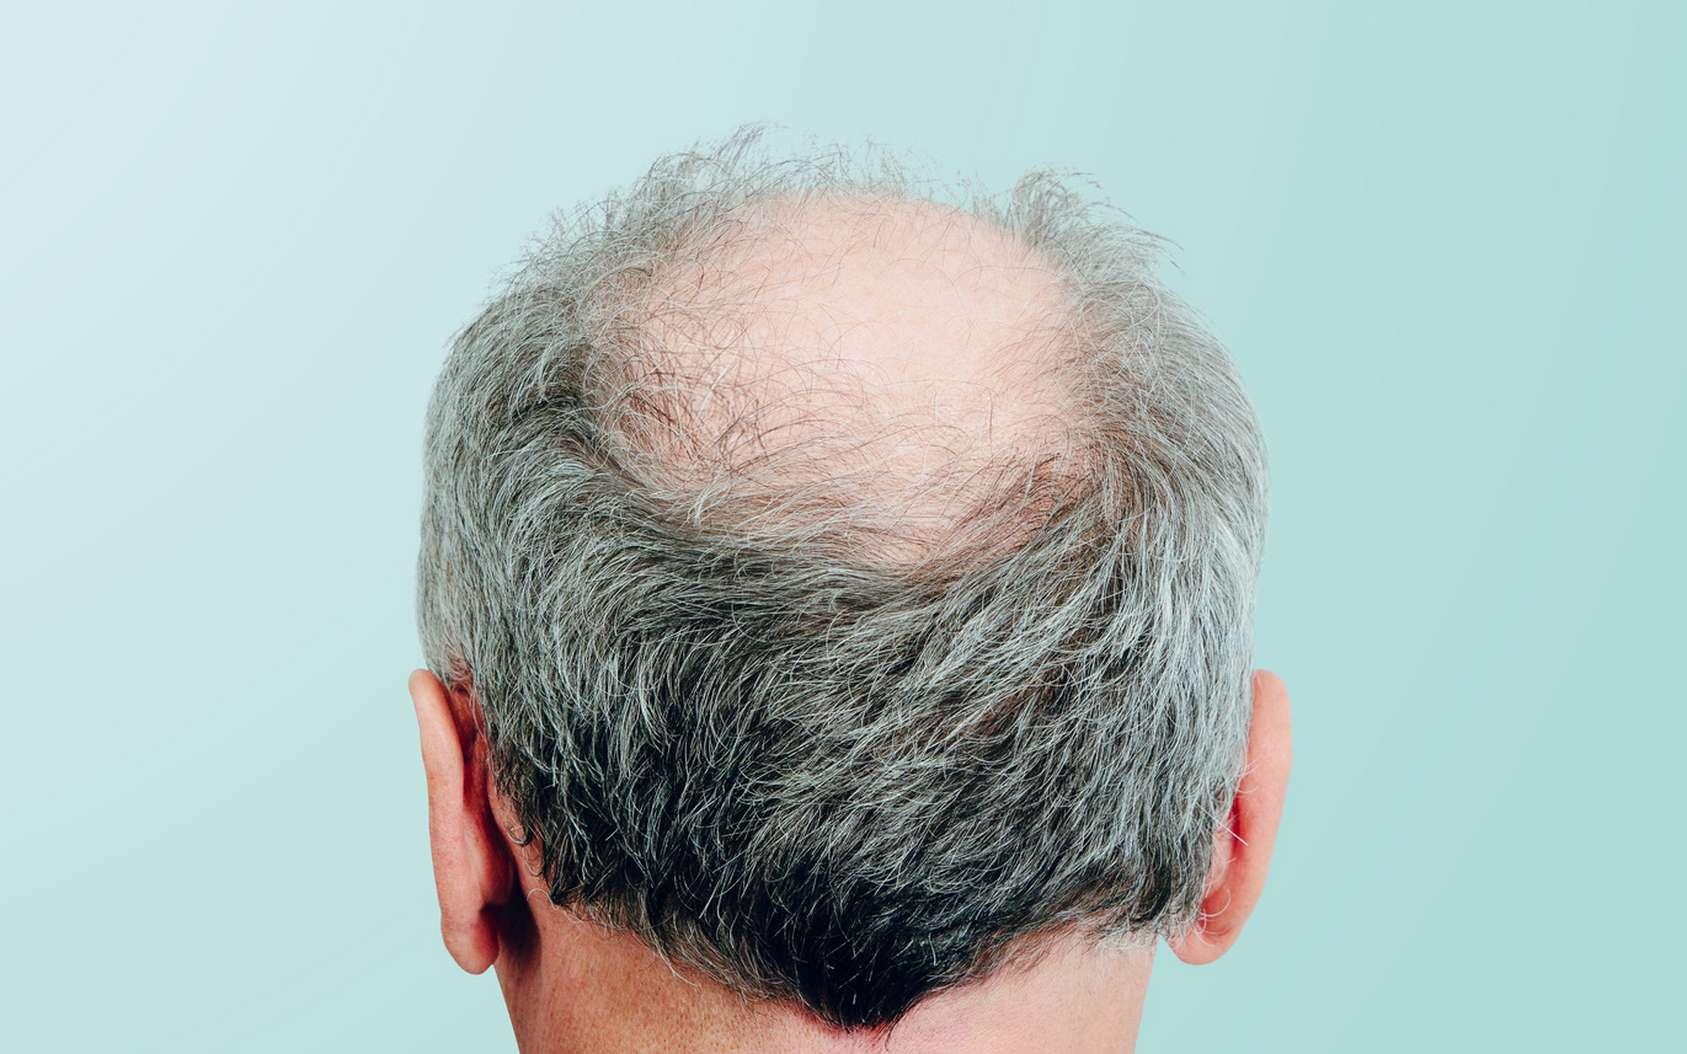 Certains médicaments permettent de ralentir la chute de cheveux. © Sebastian, Fotolia